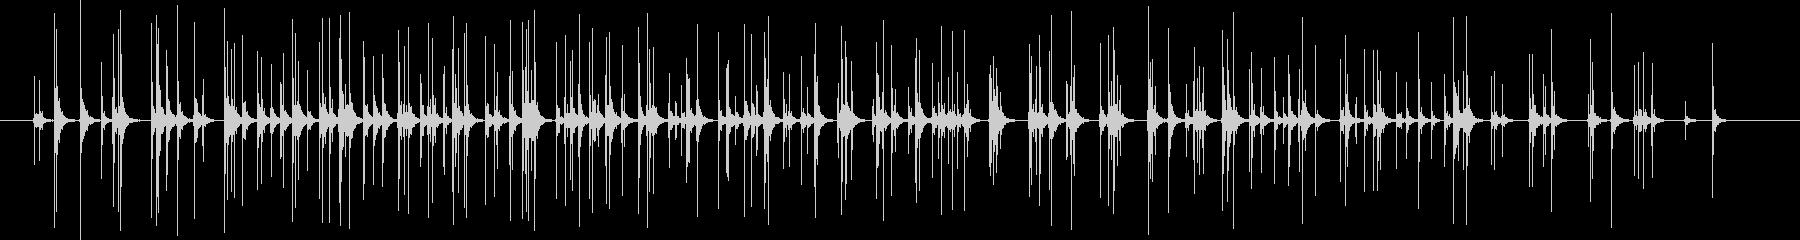 【録音】拍手10秒の未再生の波形